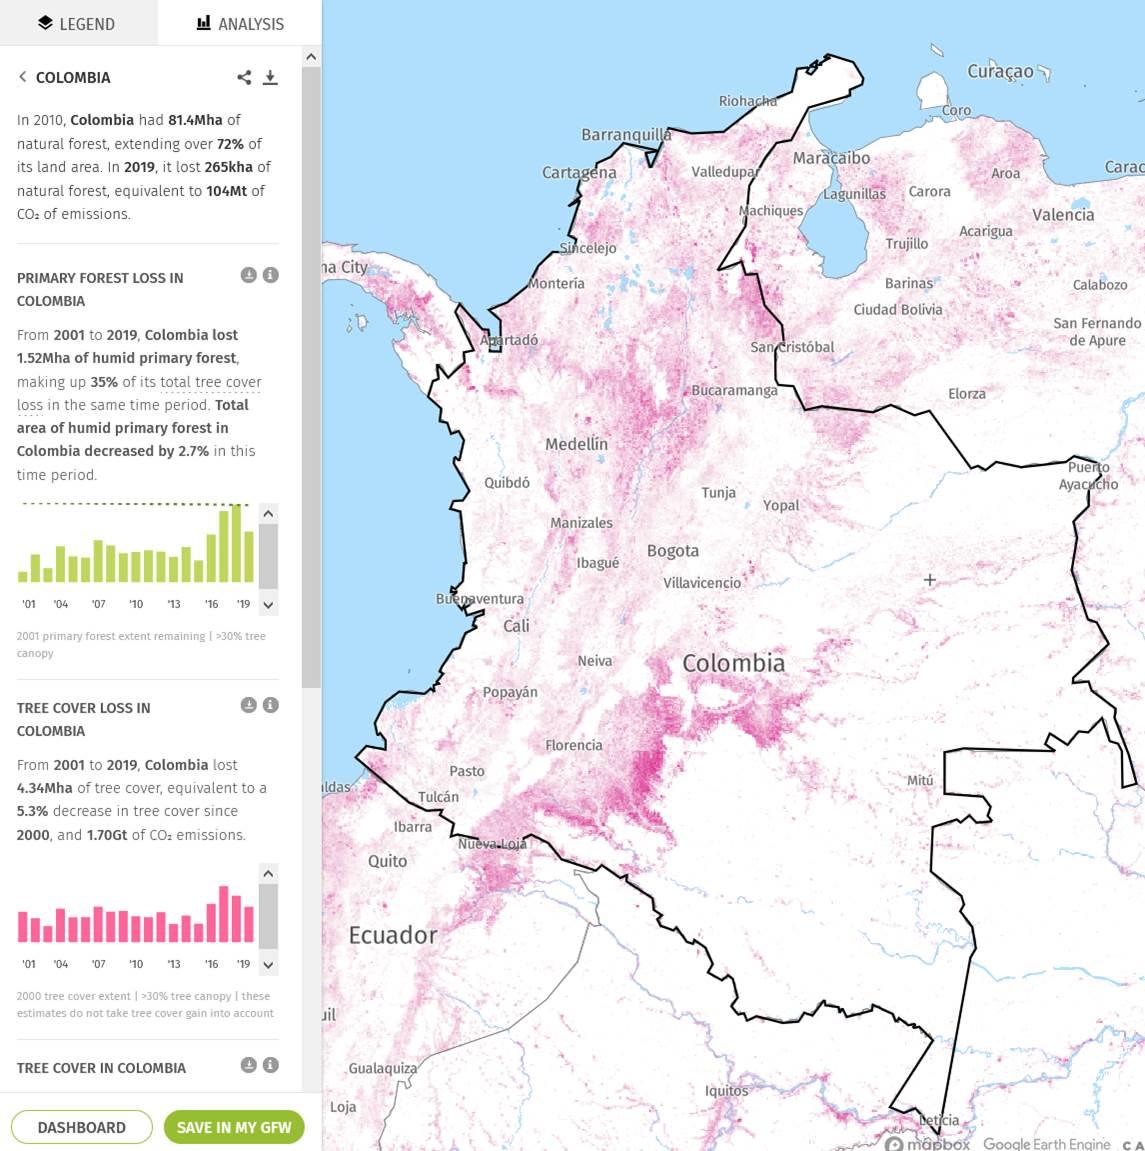 De 2001 a 2019, Colombia perdió el 5.3 por ciento de la selva tropical original. Las áreas cortadas aparecen en rojo. © Global Forest Watch